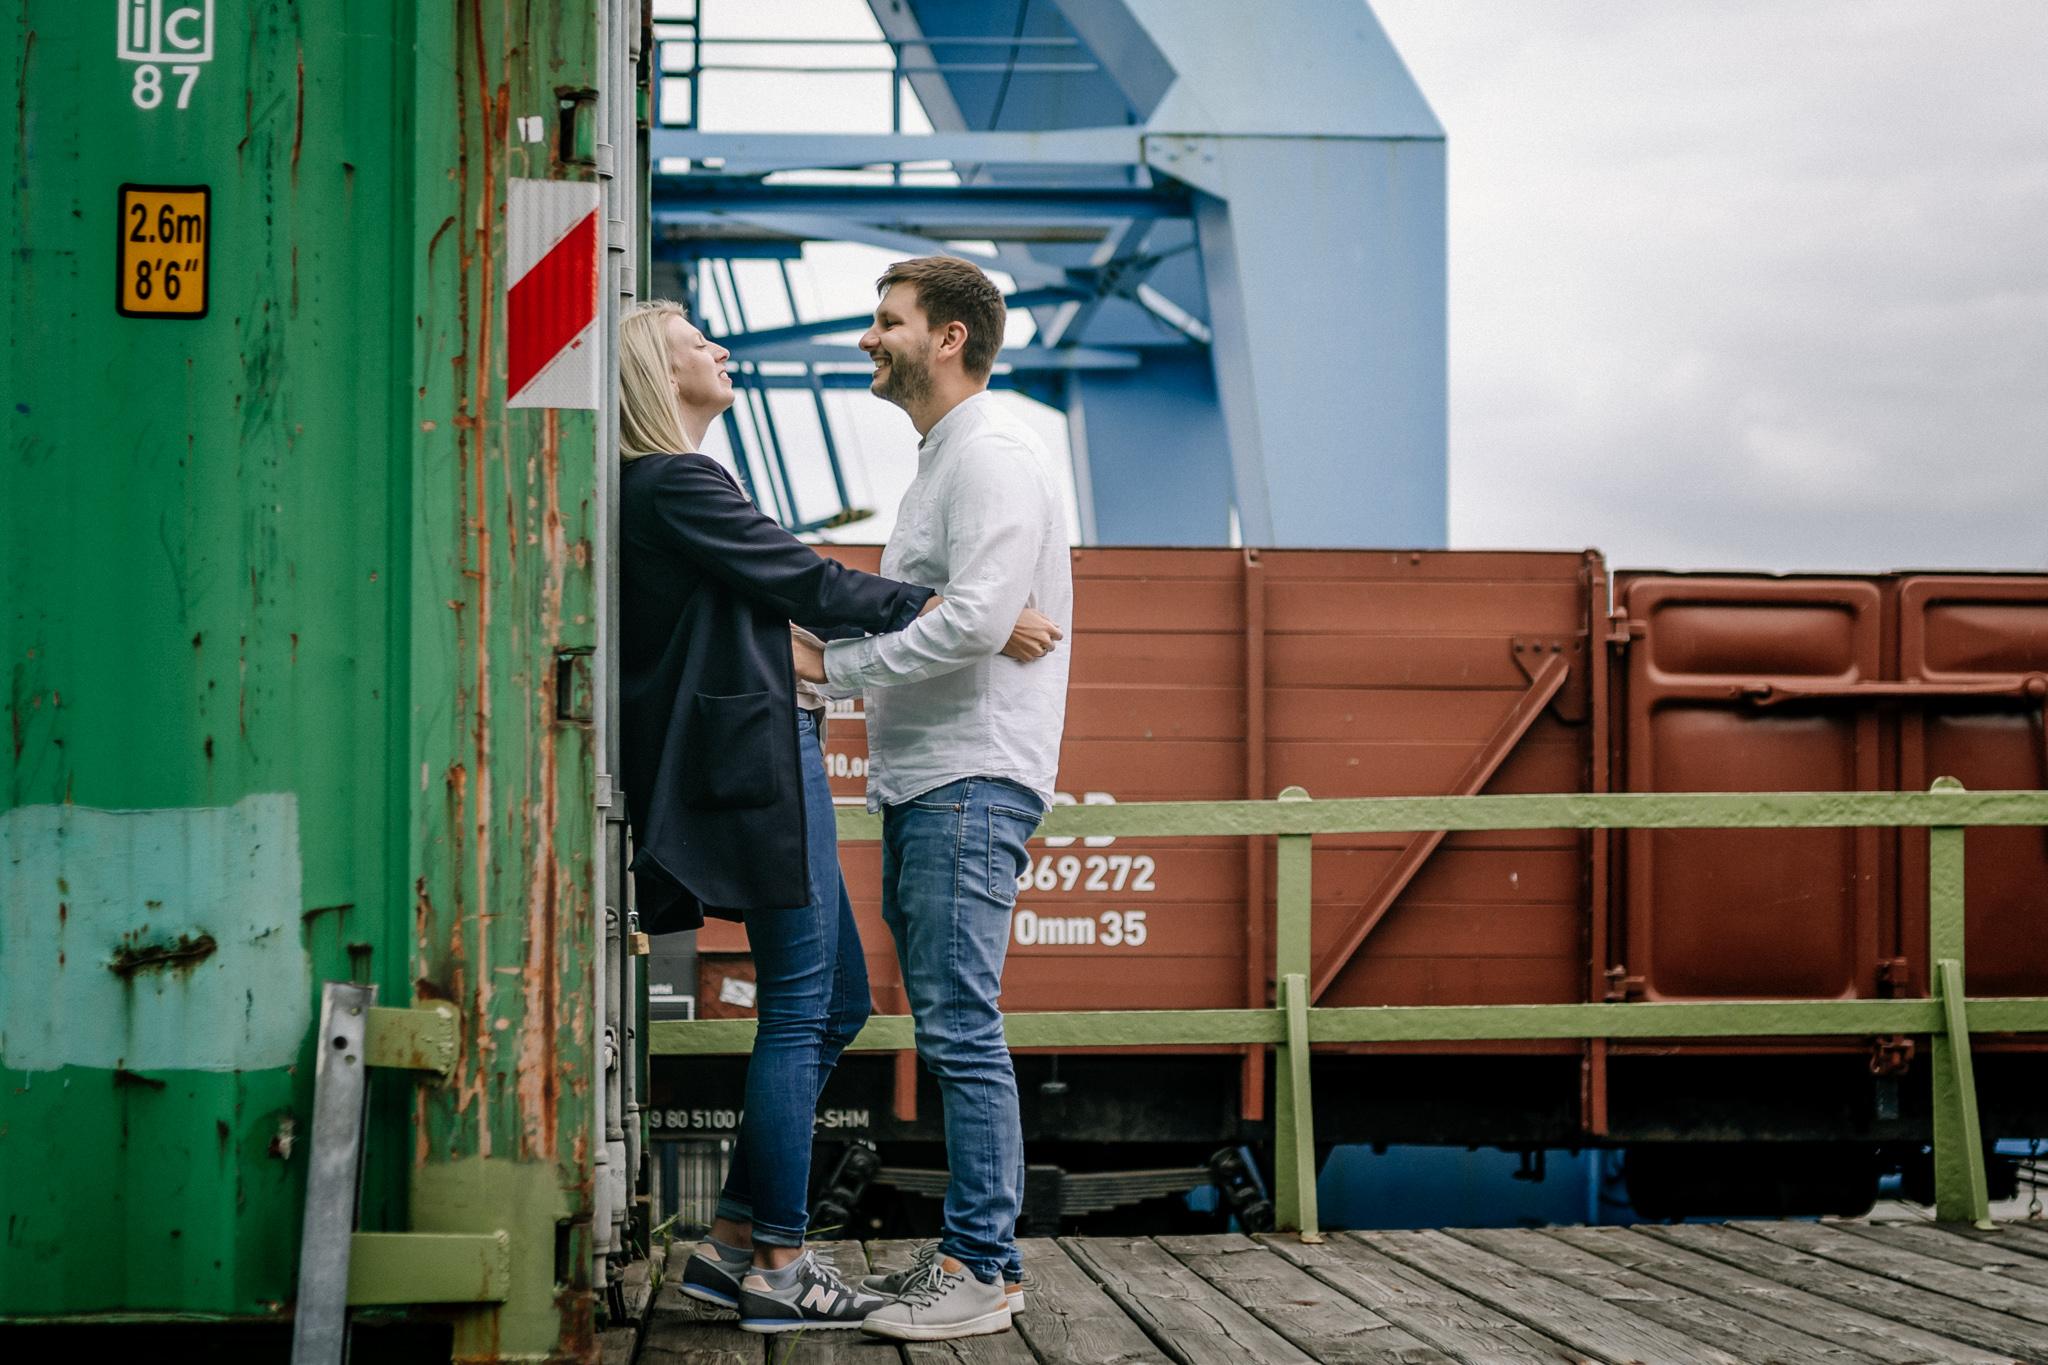 Hochzeitsfotograf, Sven Schomburg Hochzeitsfotografie, Coupleshooting, Brautpaar, Hochzeitspaar, Hamburg, Peking, Hafenmuseum Hamburg, Hochzeitstag, wahre Momente-27